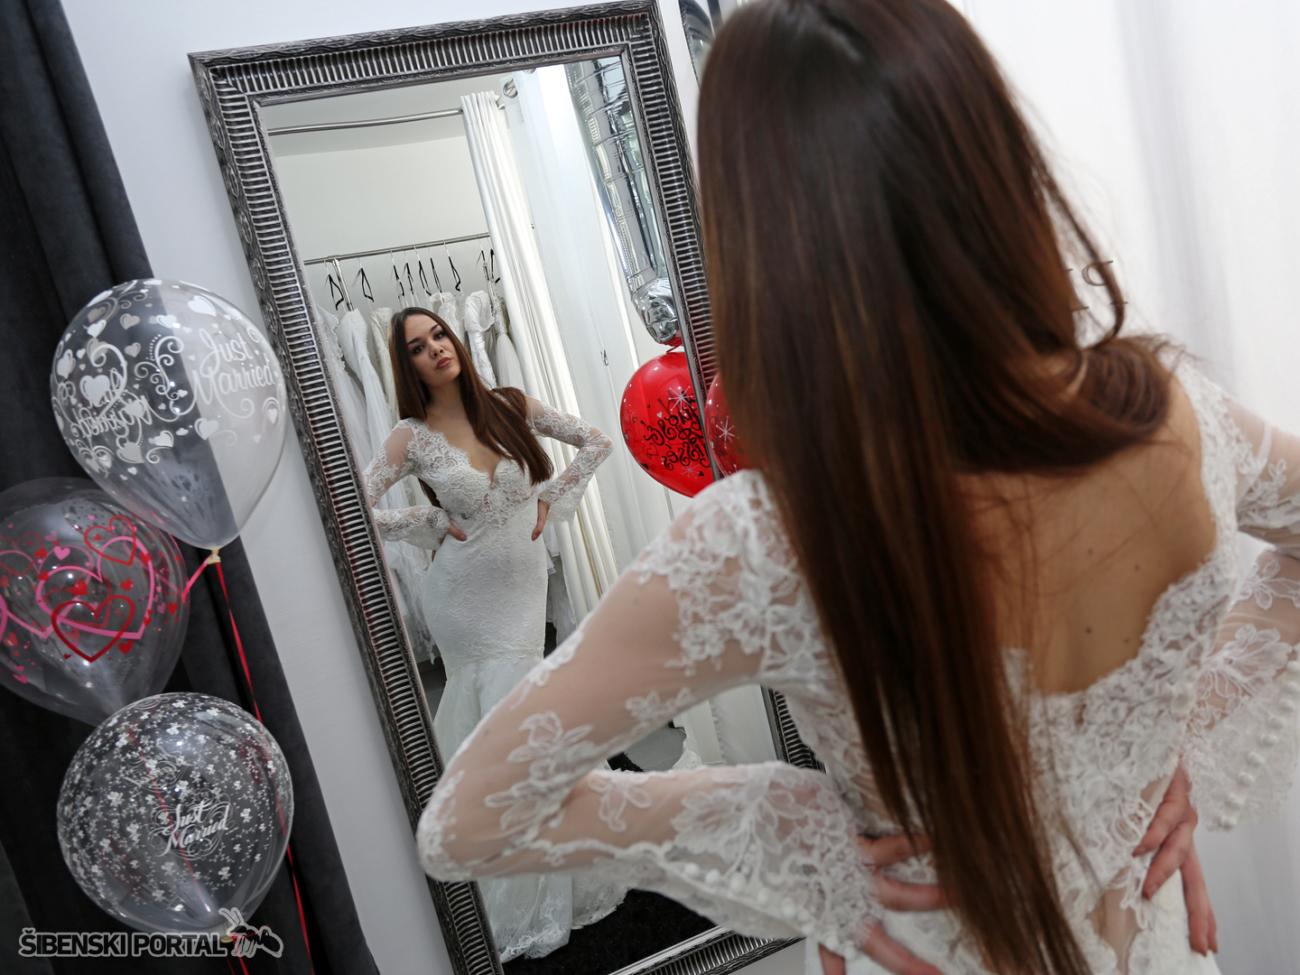 salon vjencanica sibenska perla 130117 3